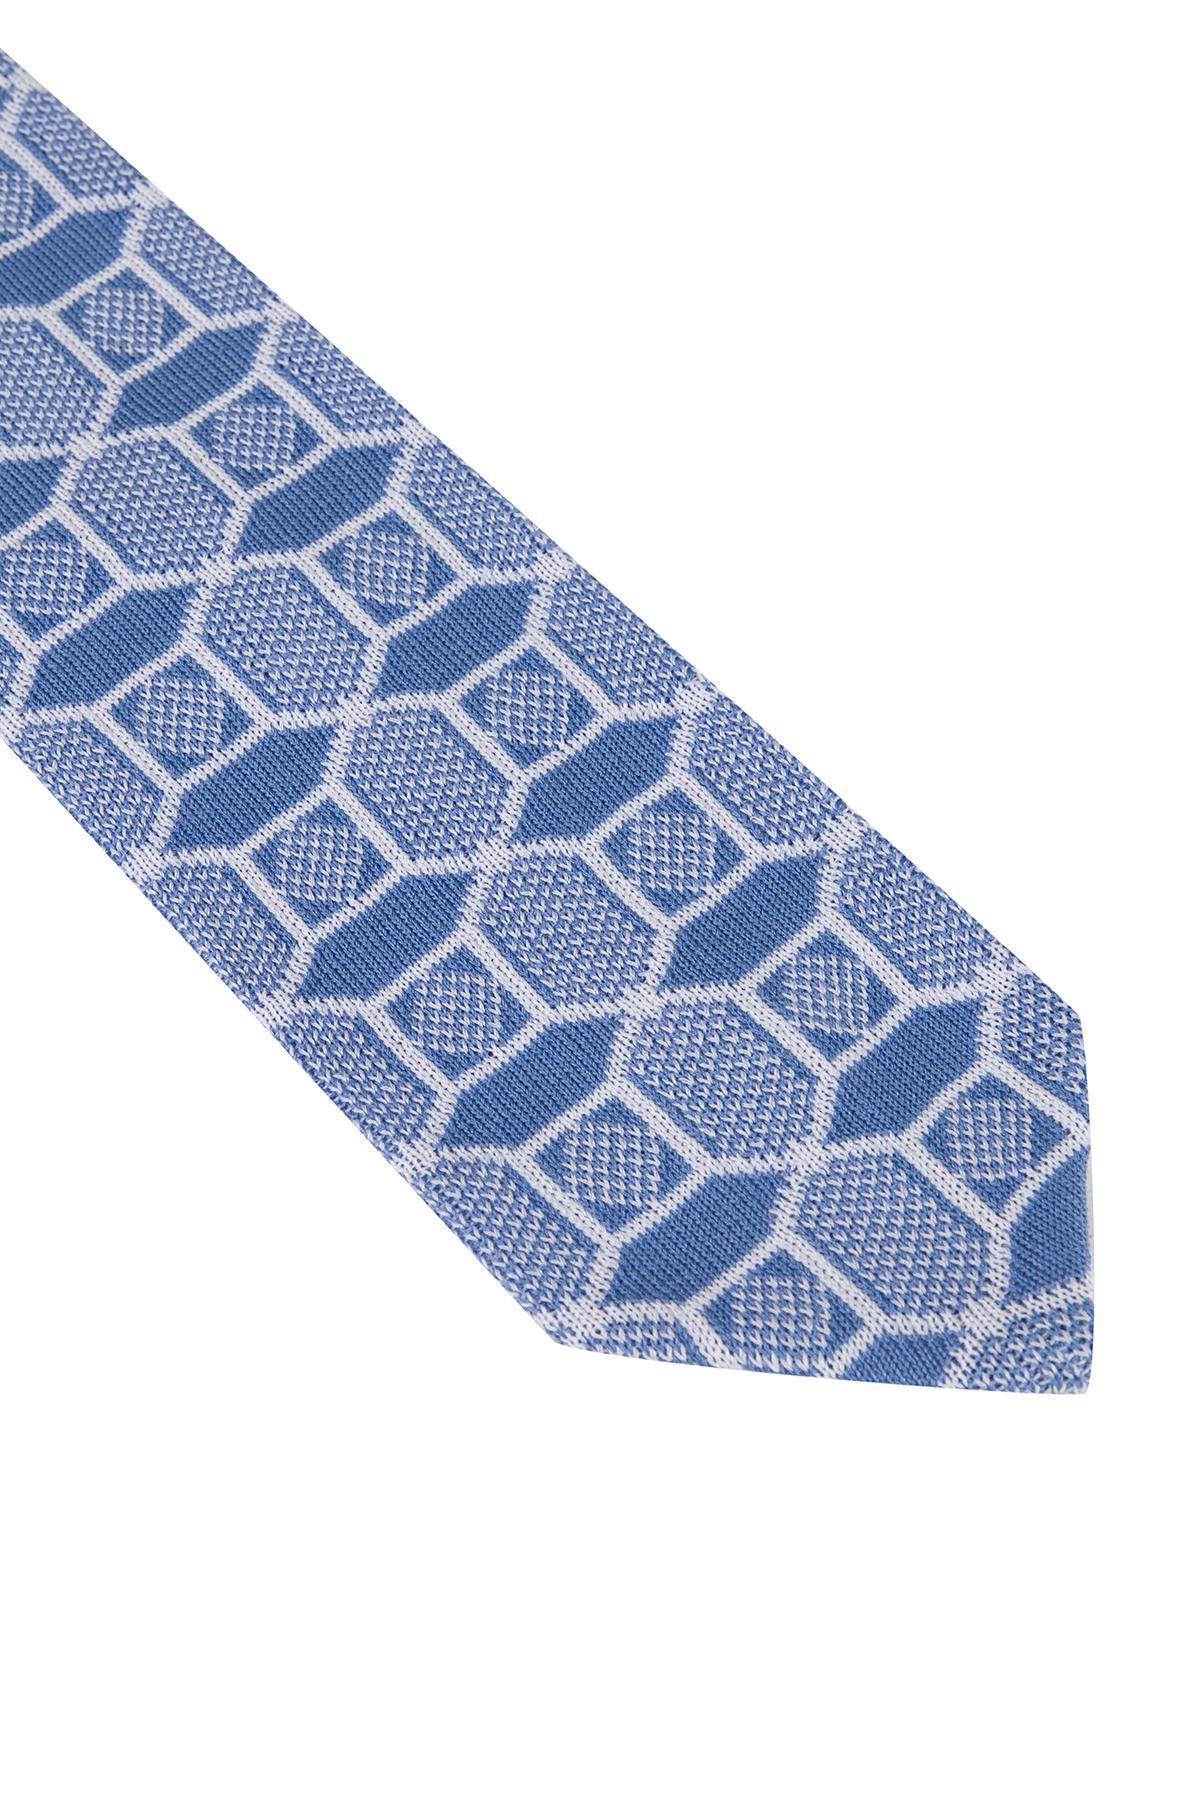 Mavi Karo Desenli Örgü Kravat